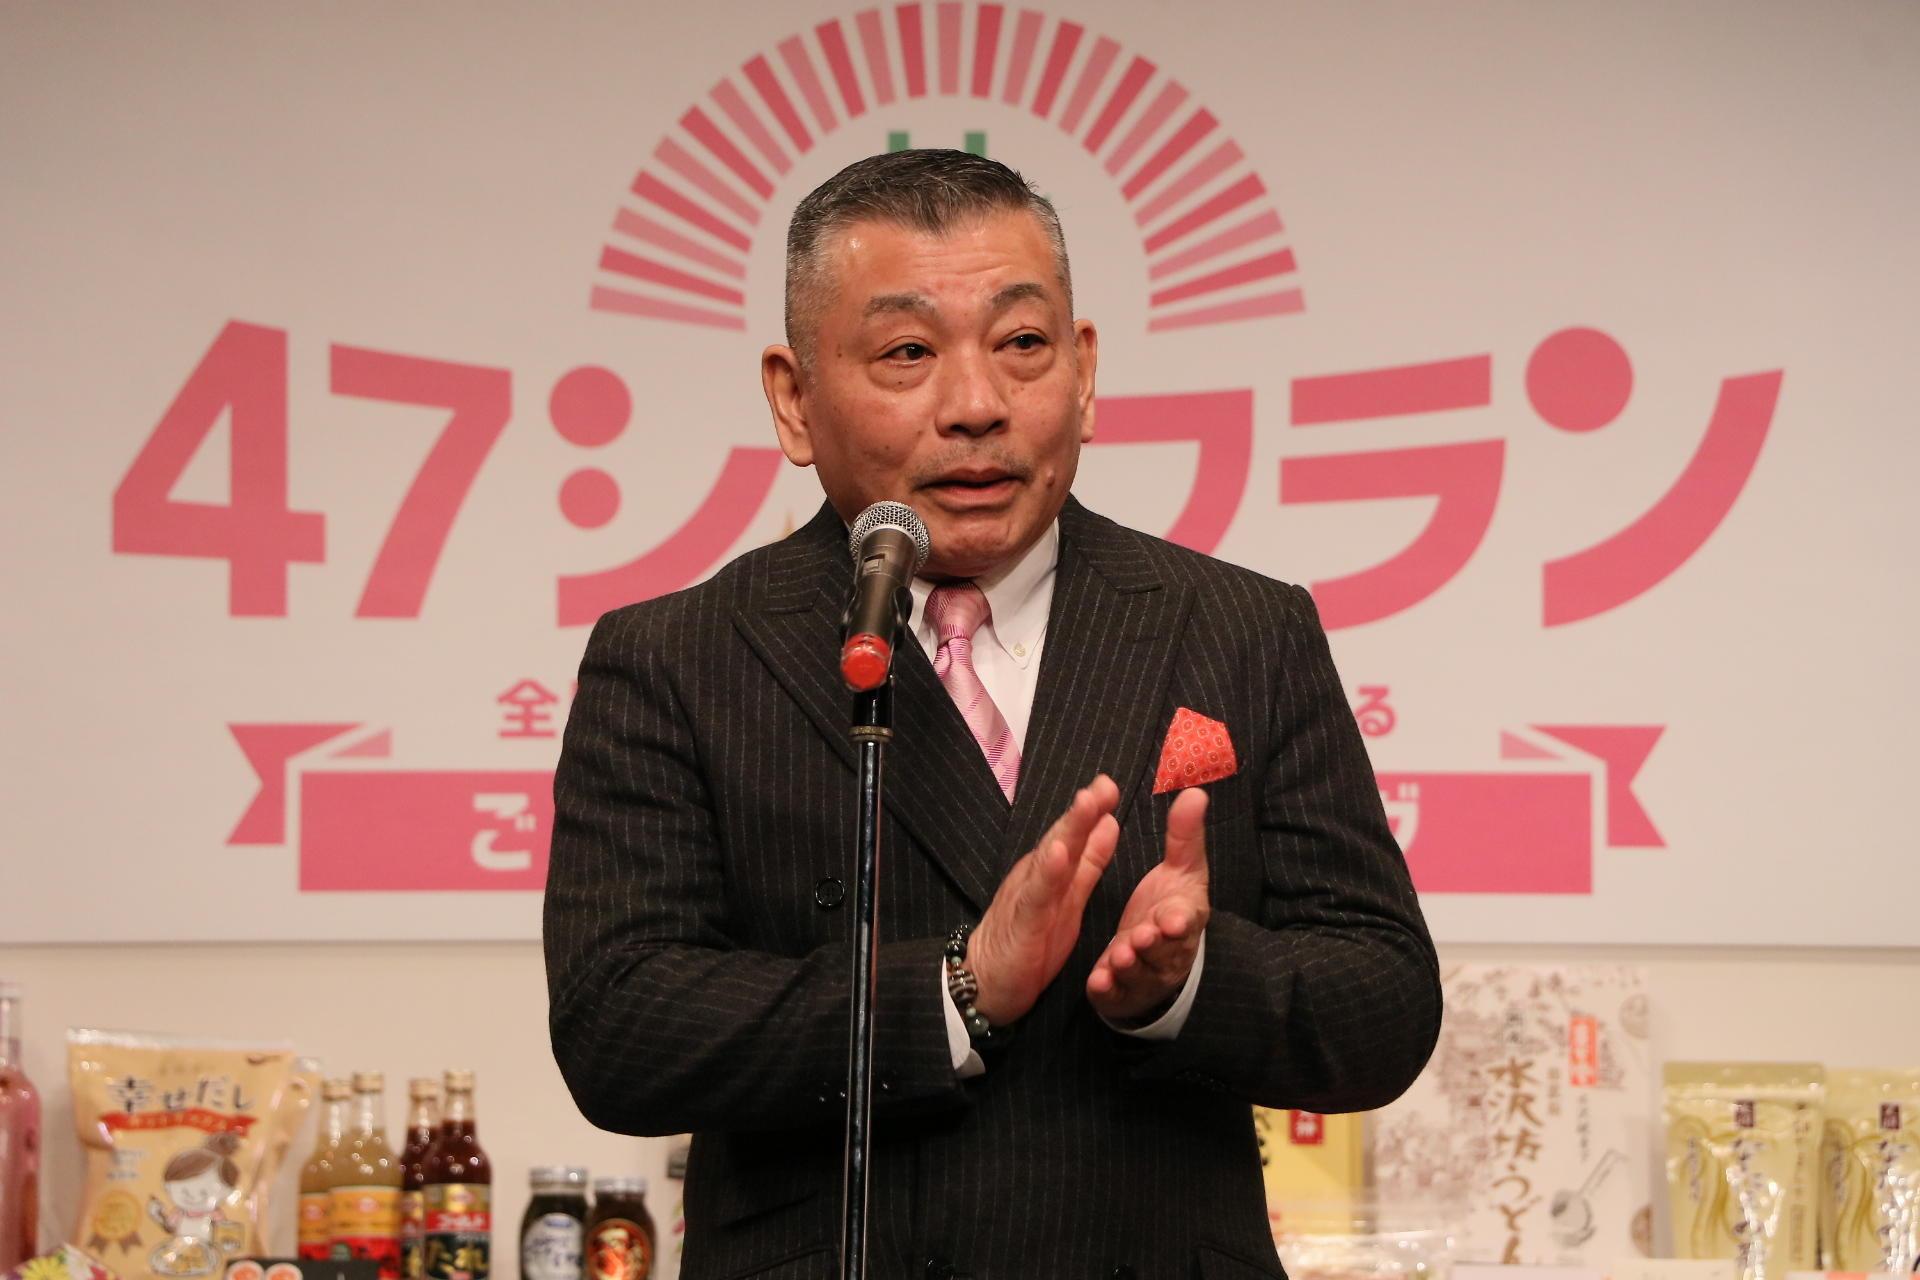 http://news.yoshimoto.co.jp/20180313170940-86f9ea577b5002168a738c8a39f7b2fbcd97d6a9.jpg